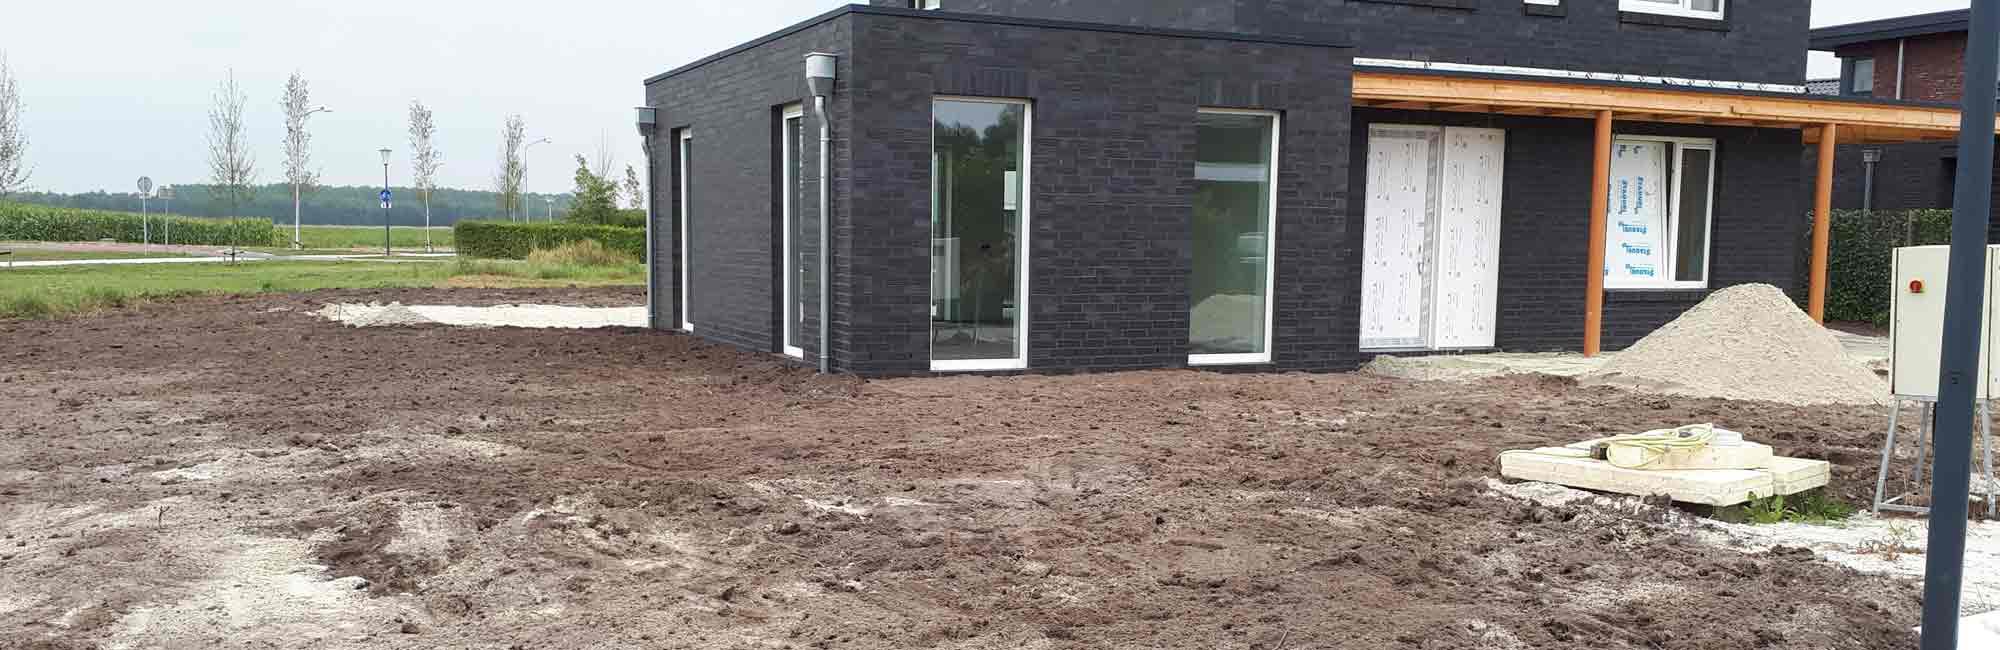 Graafwerkzaamheden - Kamperman Grondwerk Groningen Scheemda